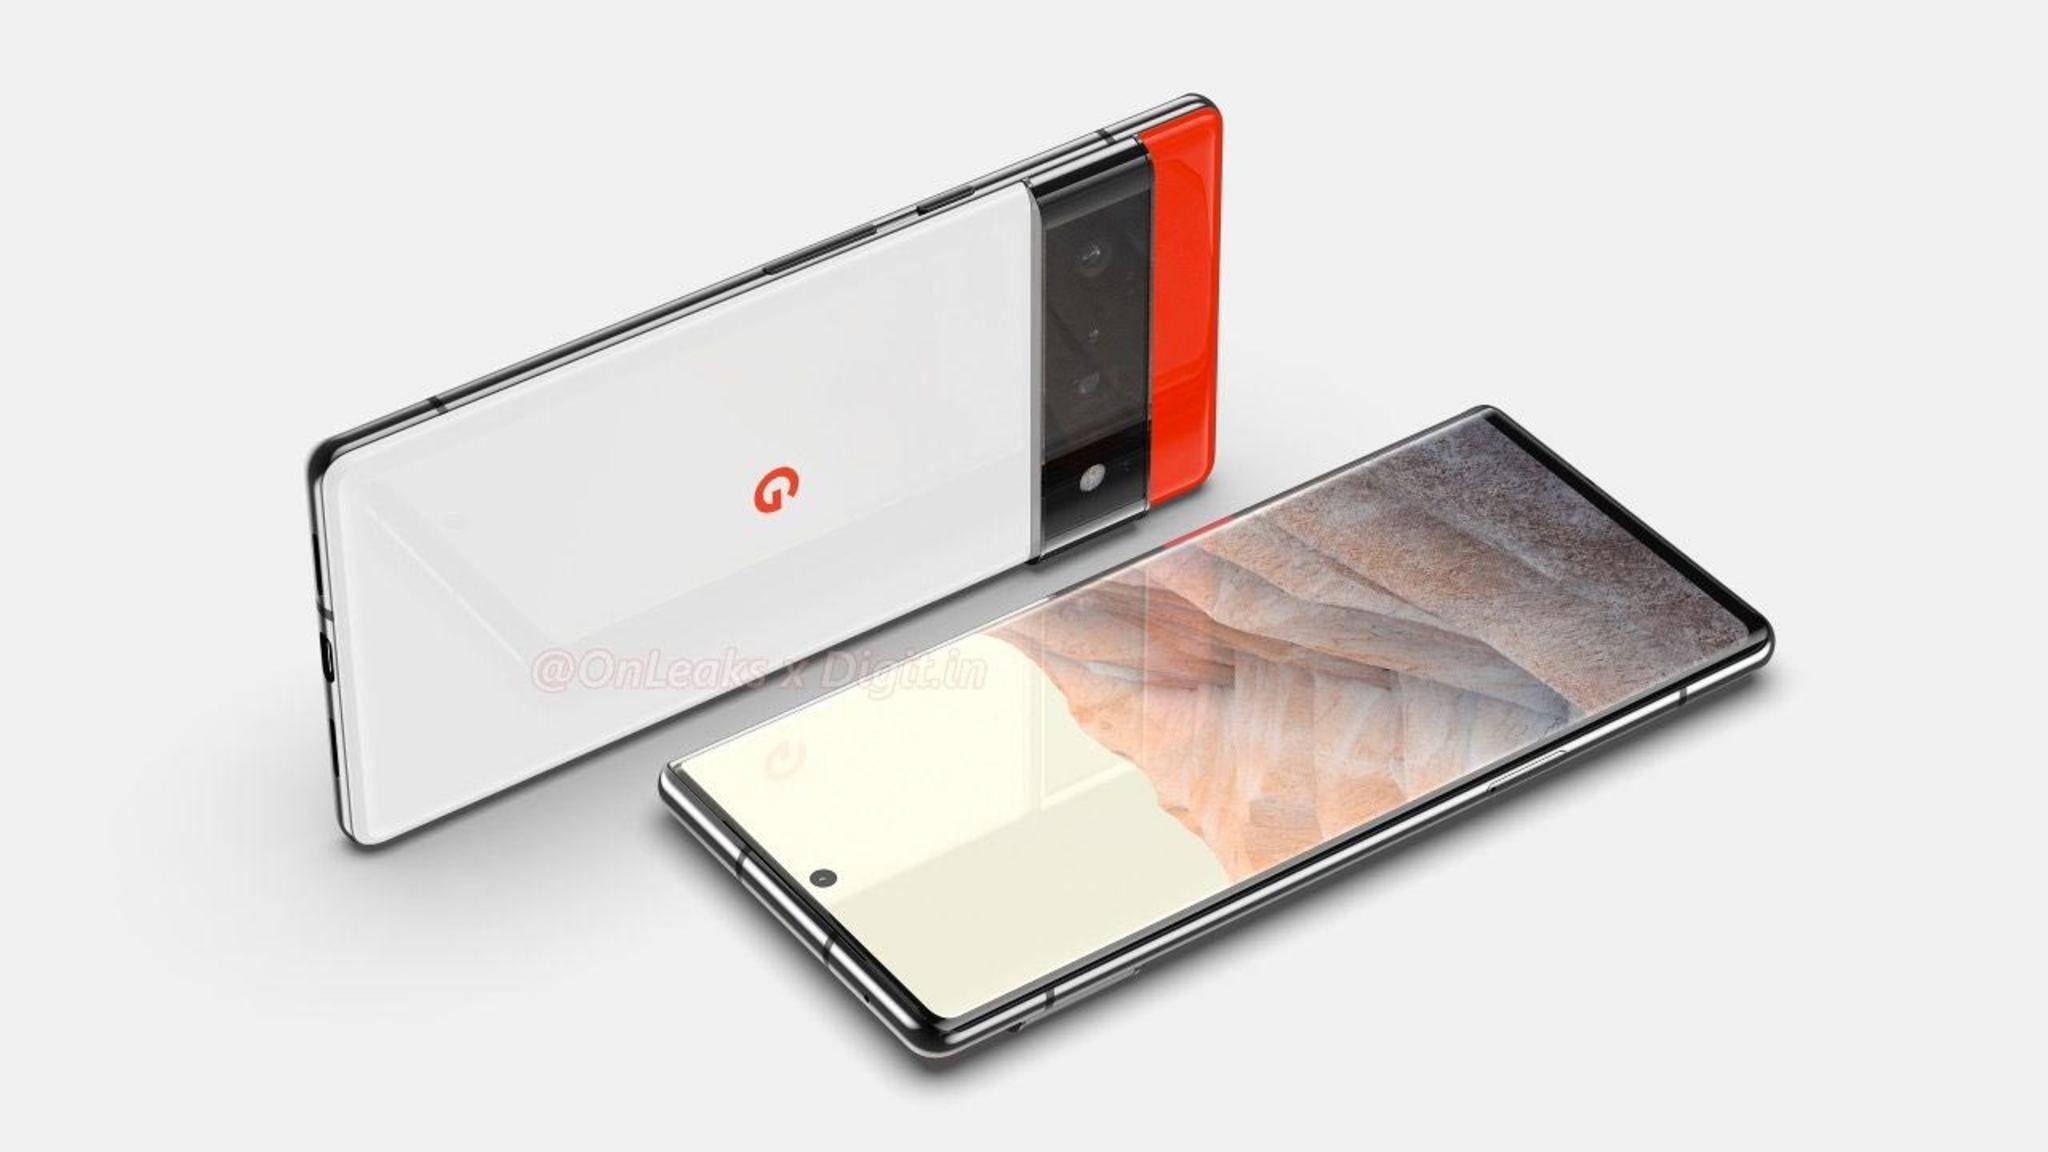 Im Netz kursieren bereits mehrere Produktbilder, die das Design des Google Pixel 6 Pro zeigen sollen.